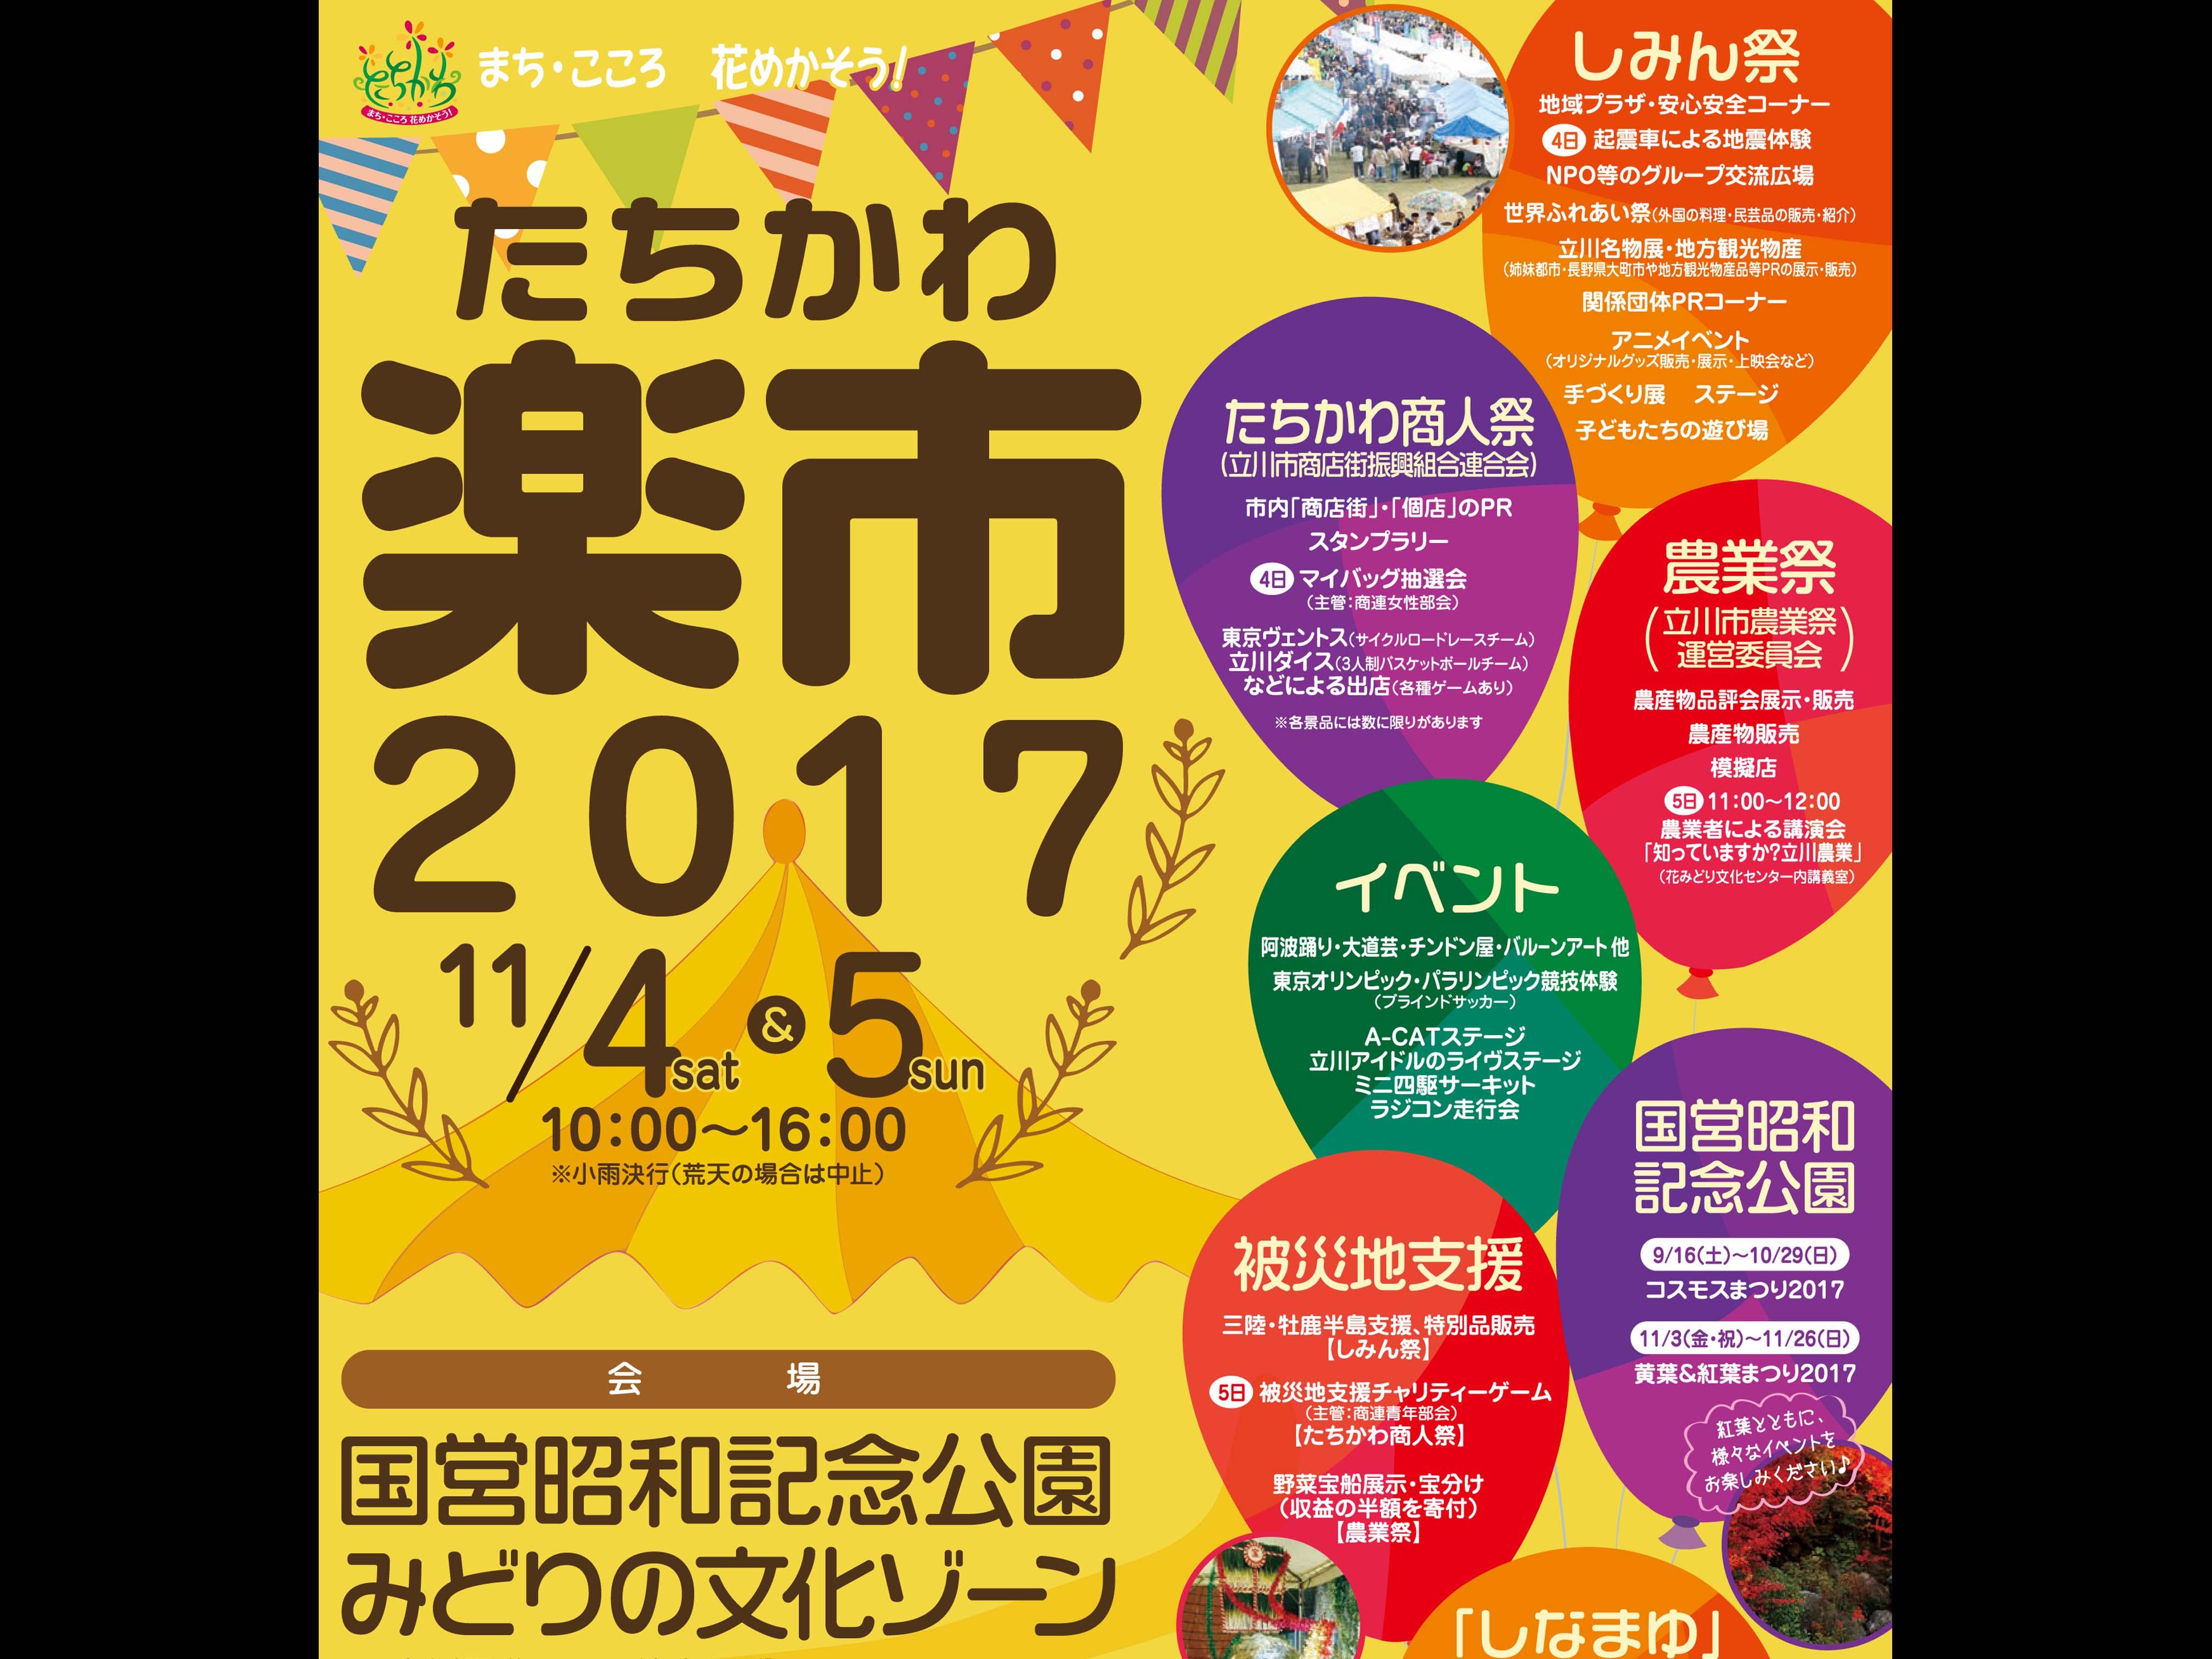 たちかわ楽市2017でライブステージ開催!